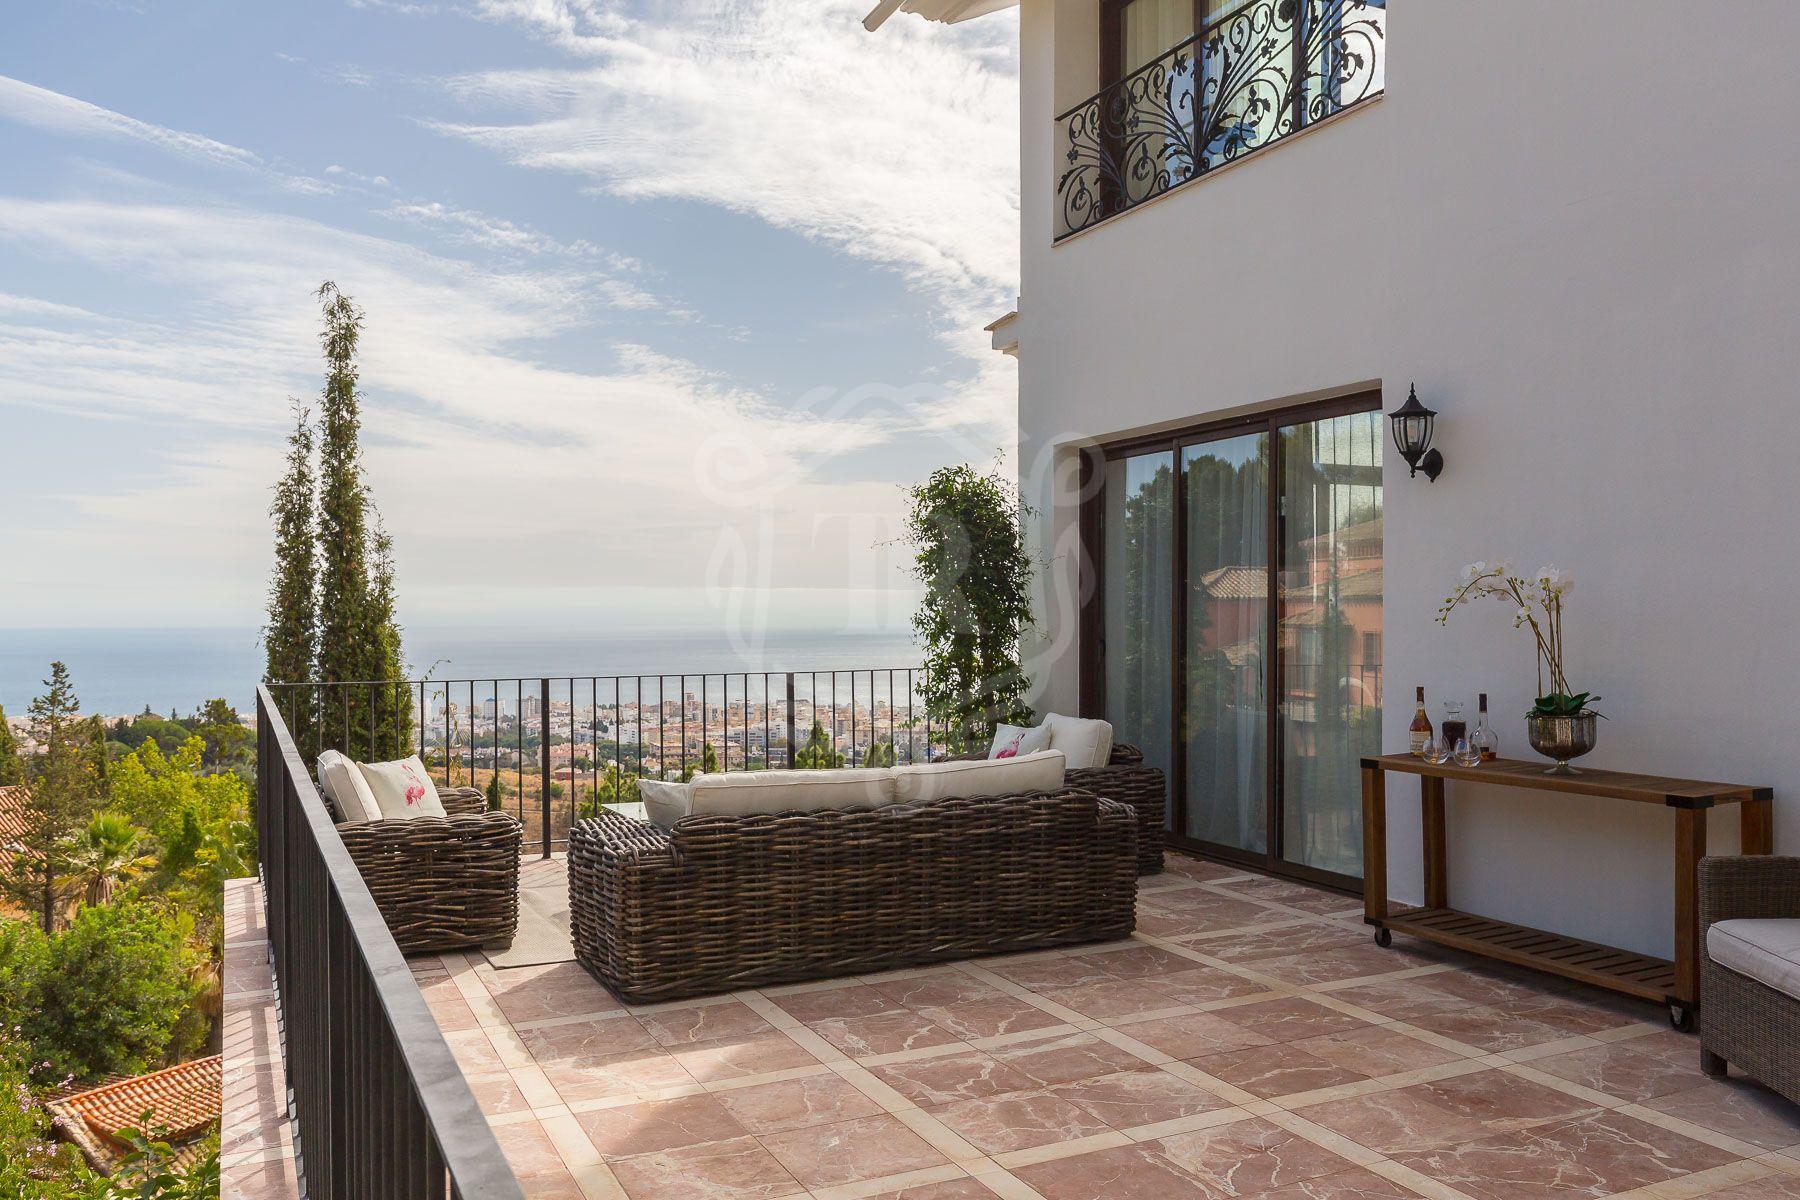 Renovated villa in La Montua with panoramic views, Marbella